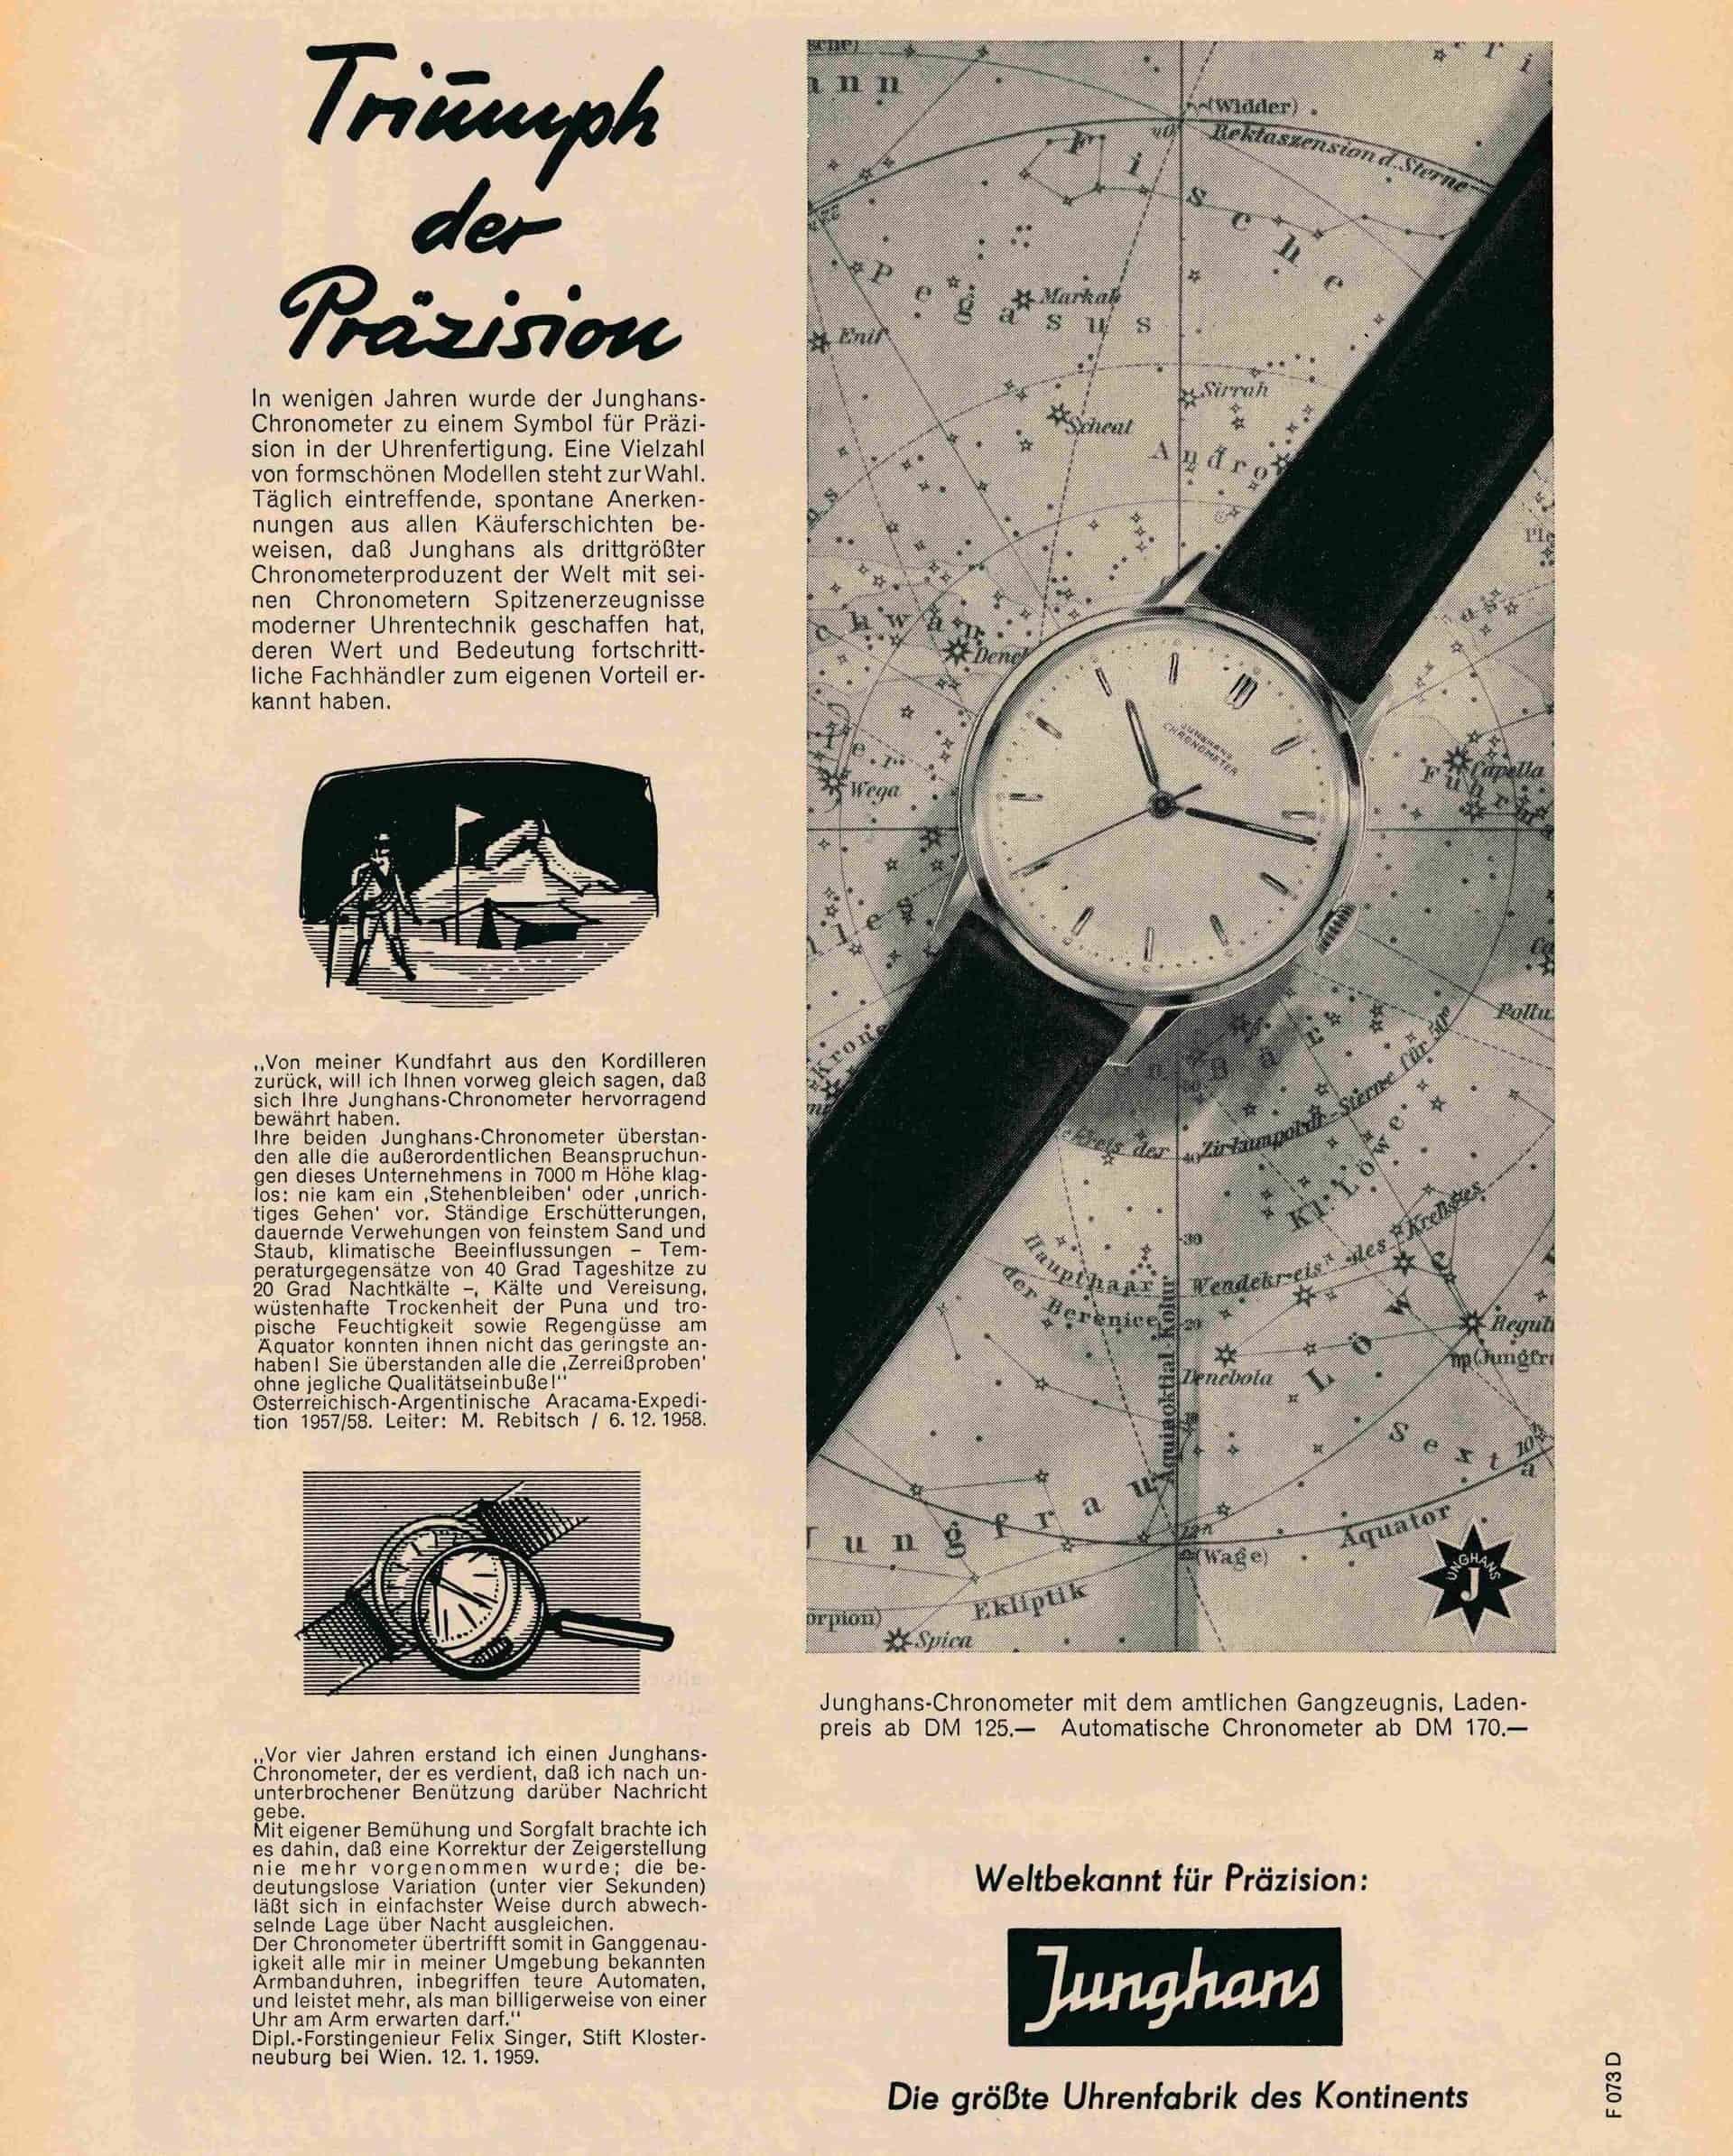 Junghans Inserat für einen präzisen Chronometer aus dem Jahr 1959